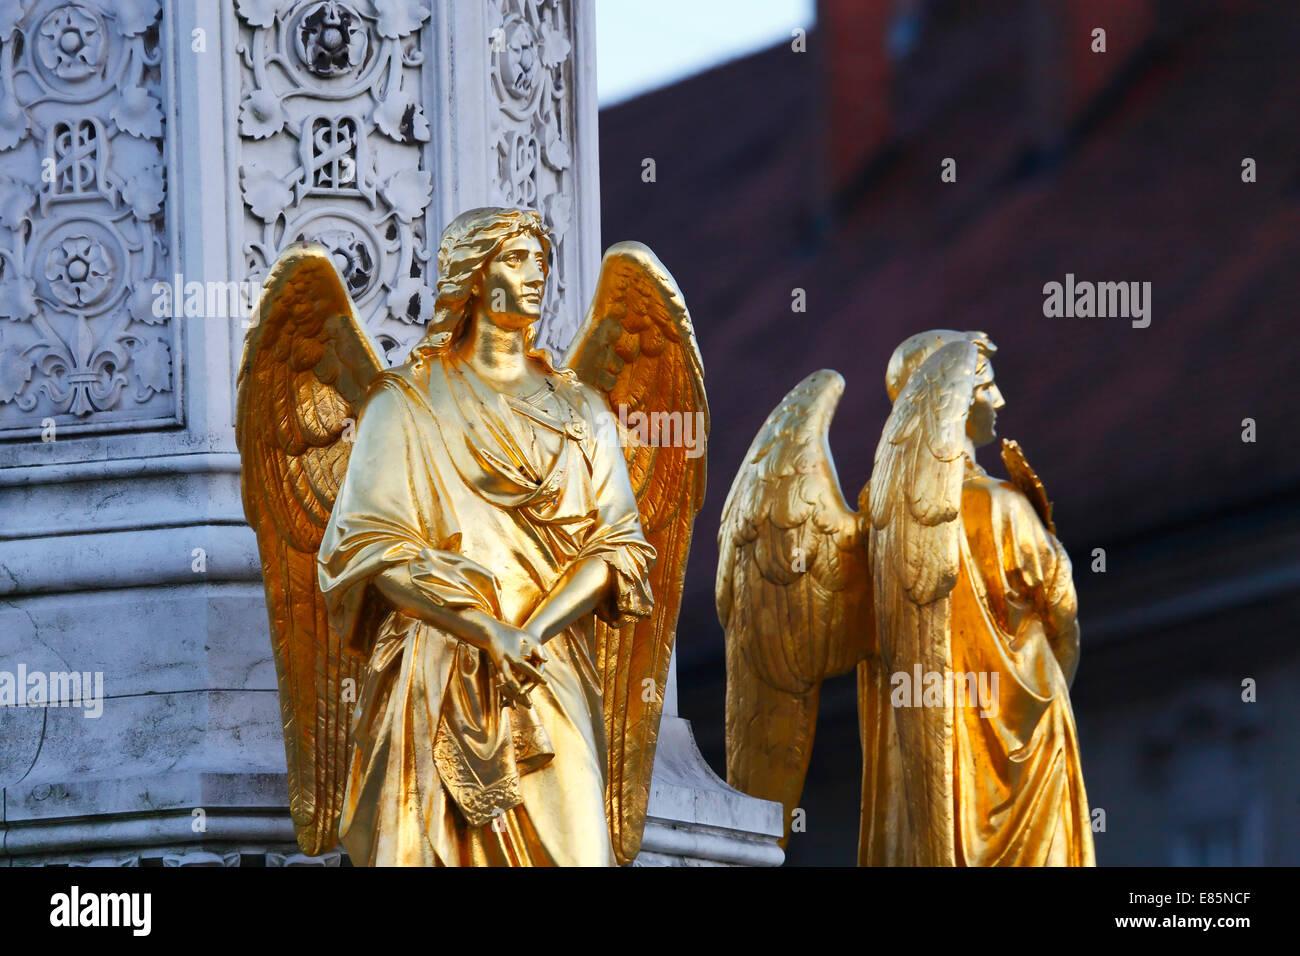 Zagreb escultura de ángeles dorados en frente de la catedral Imagen De Stock